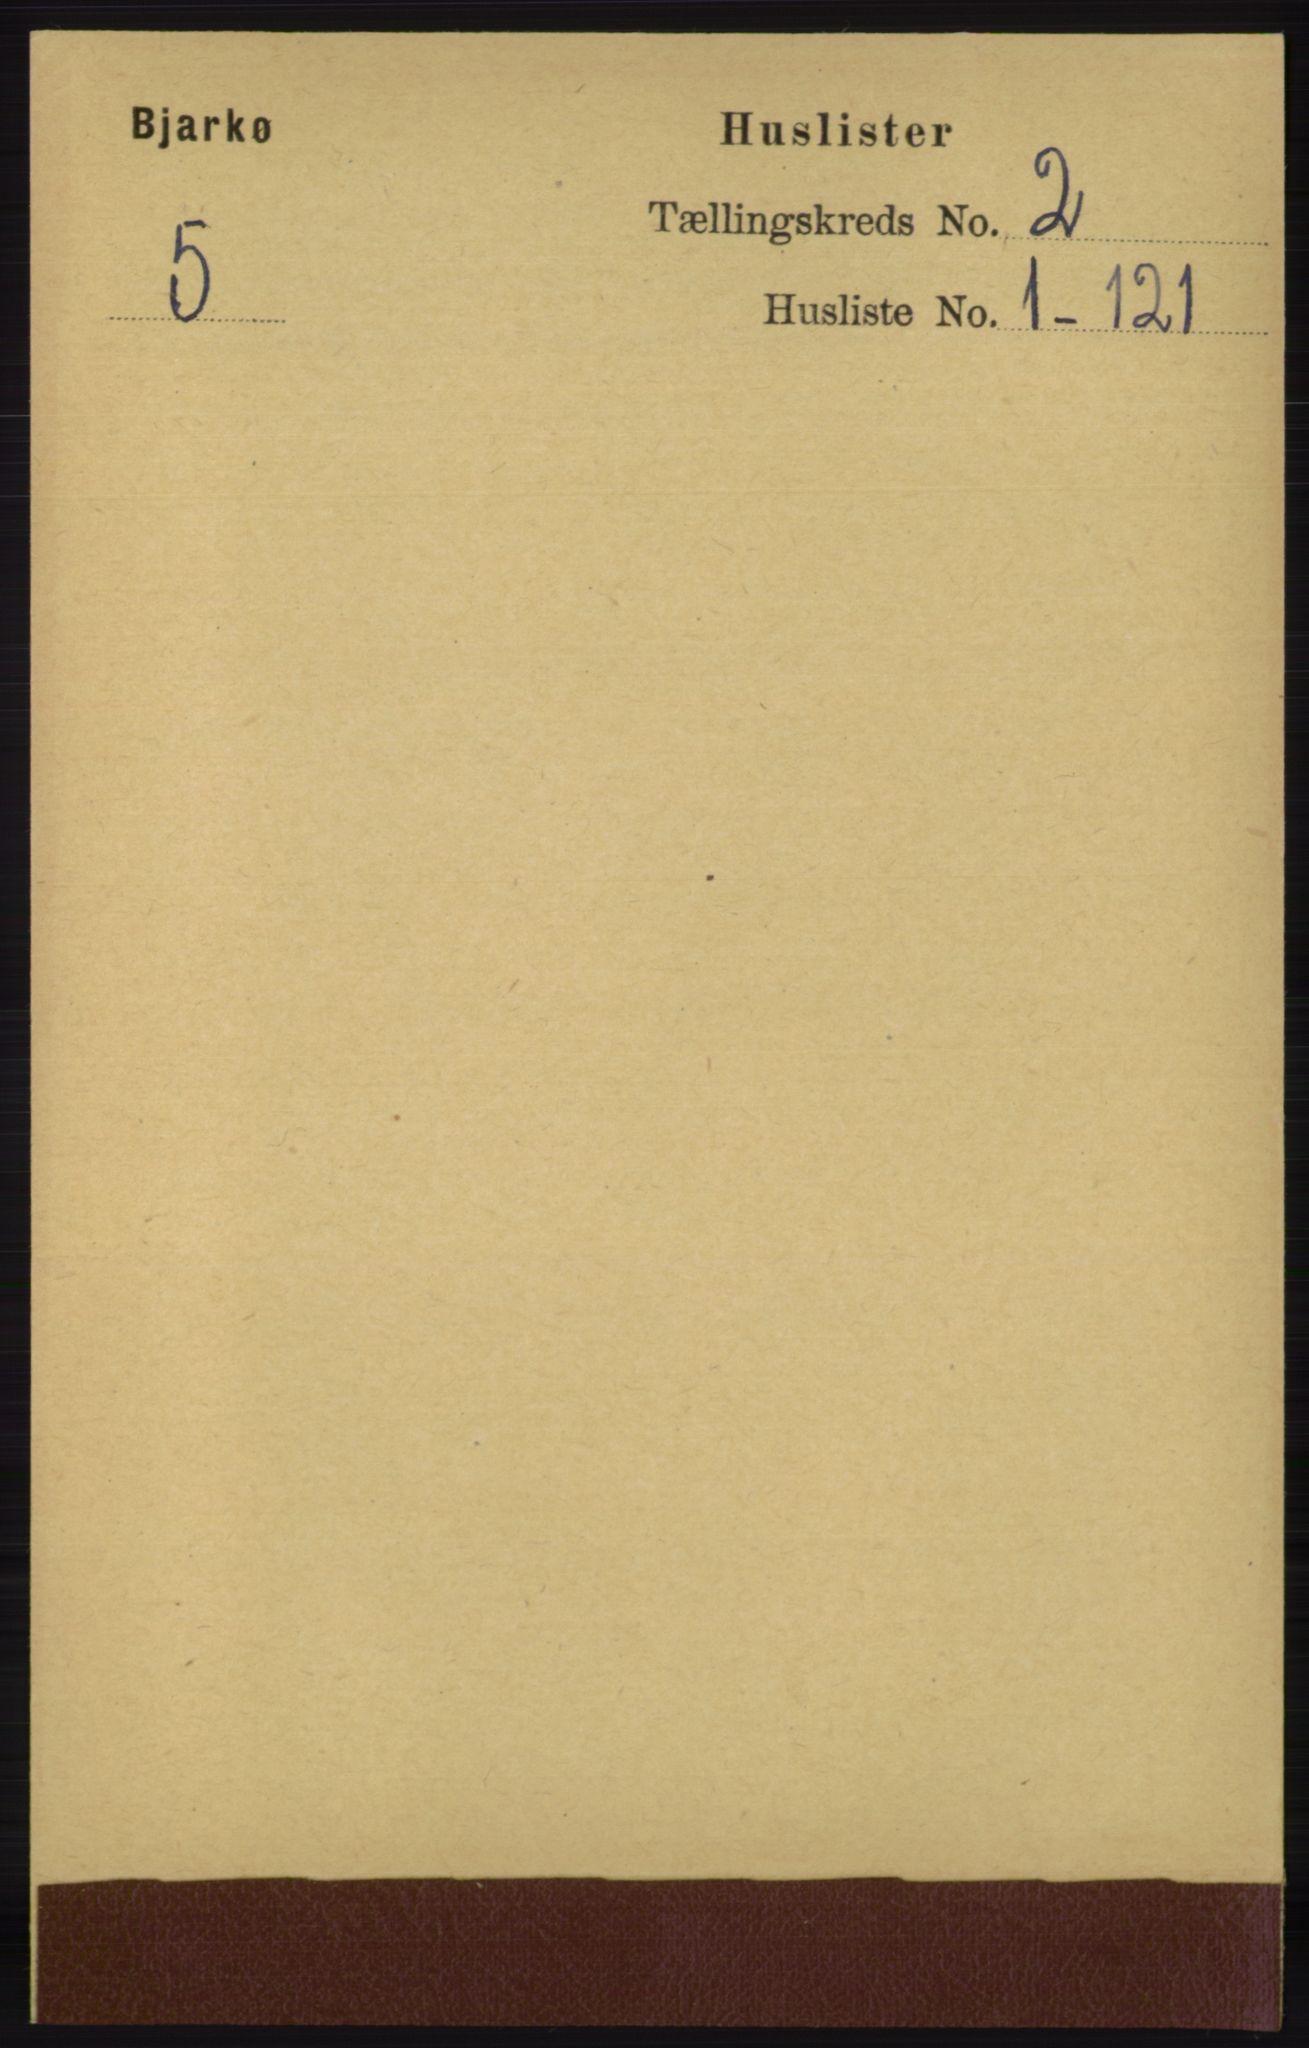 RA, Folketelling 1891 for 1915 Bjarkøy herred, 1891, s. 566